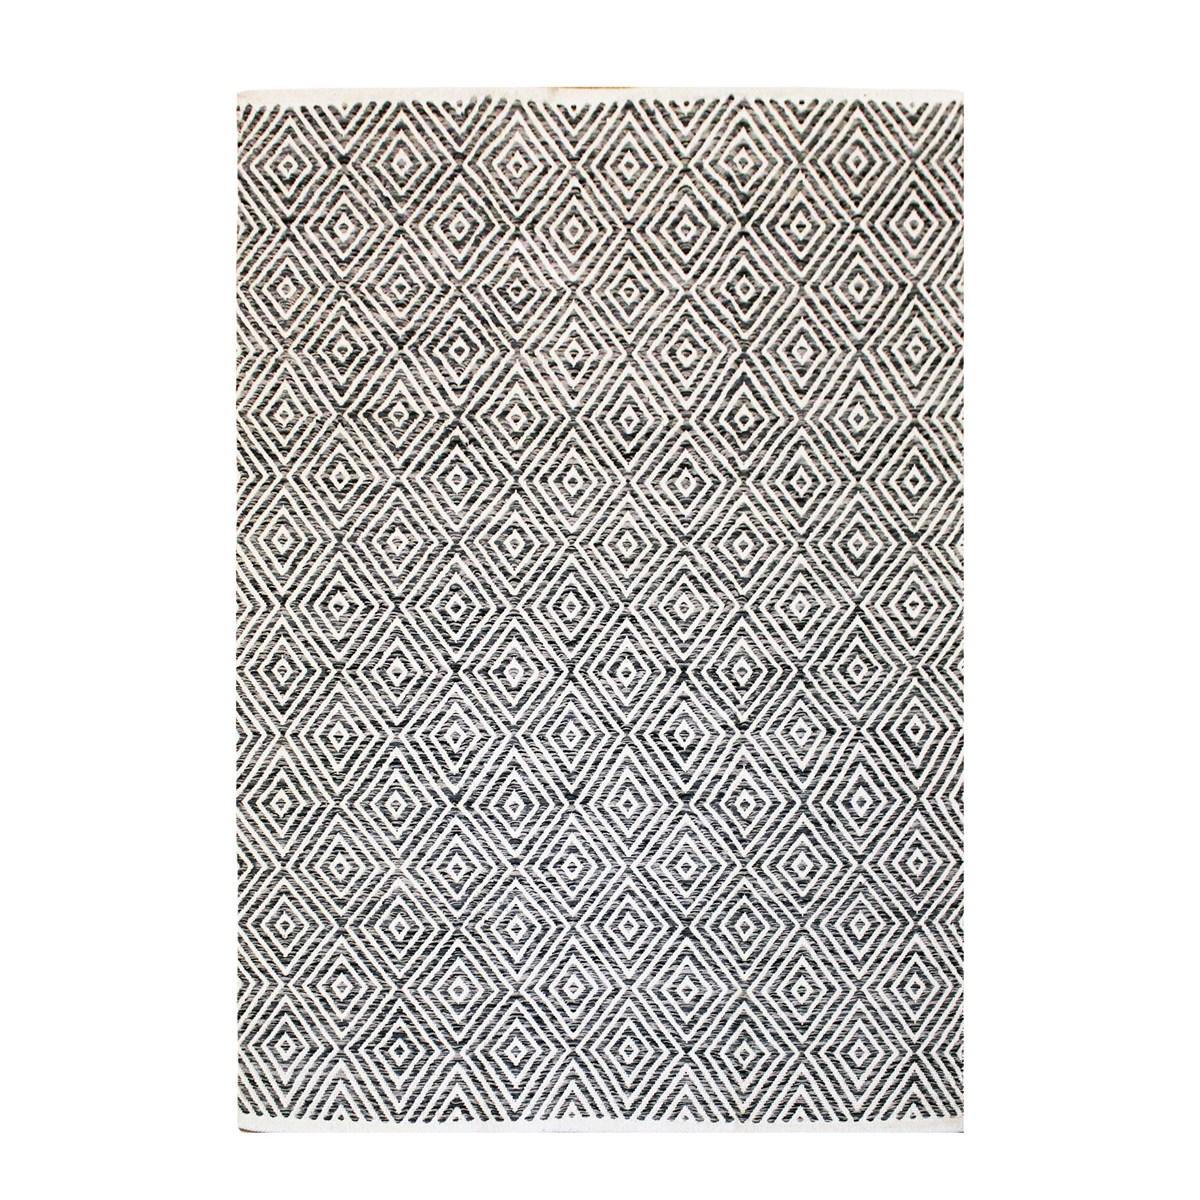 Tapis design en Coton Gris anthracite 160x230 cm